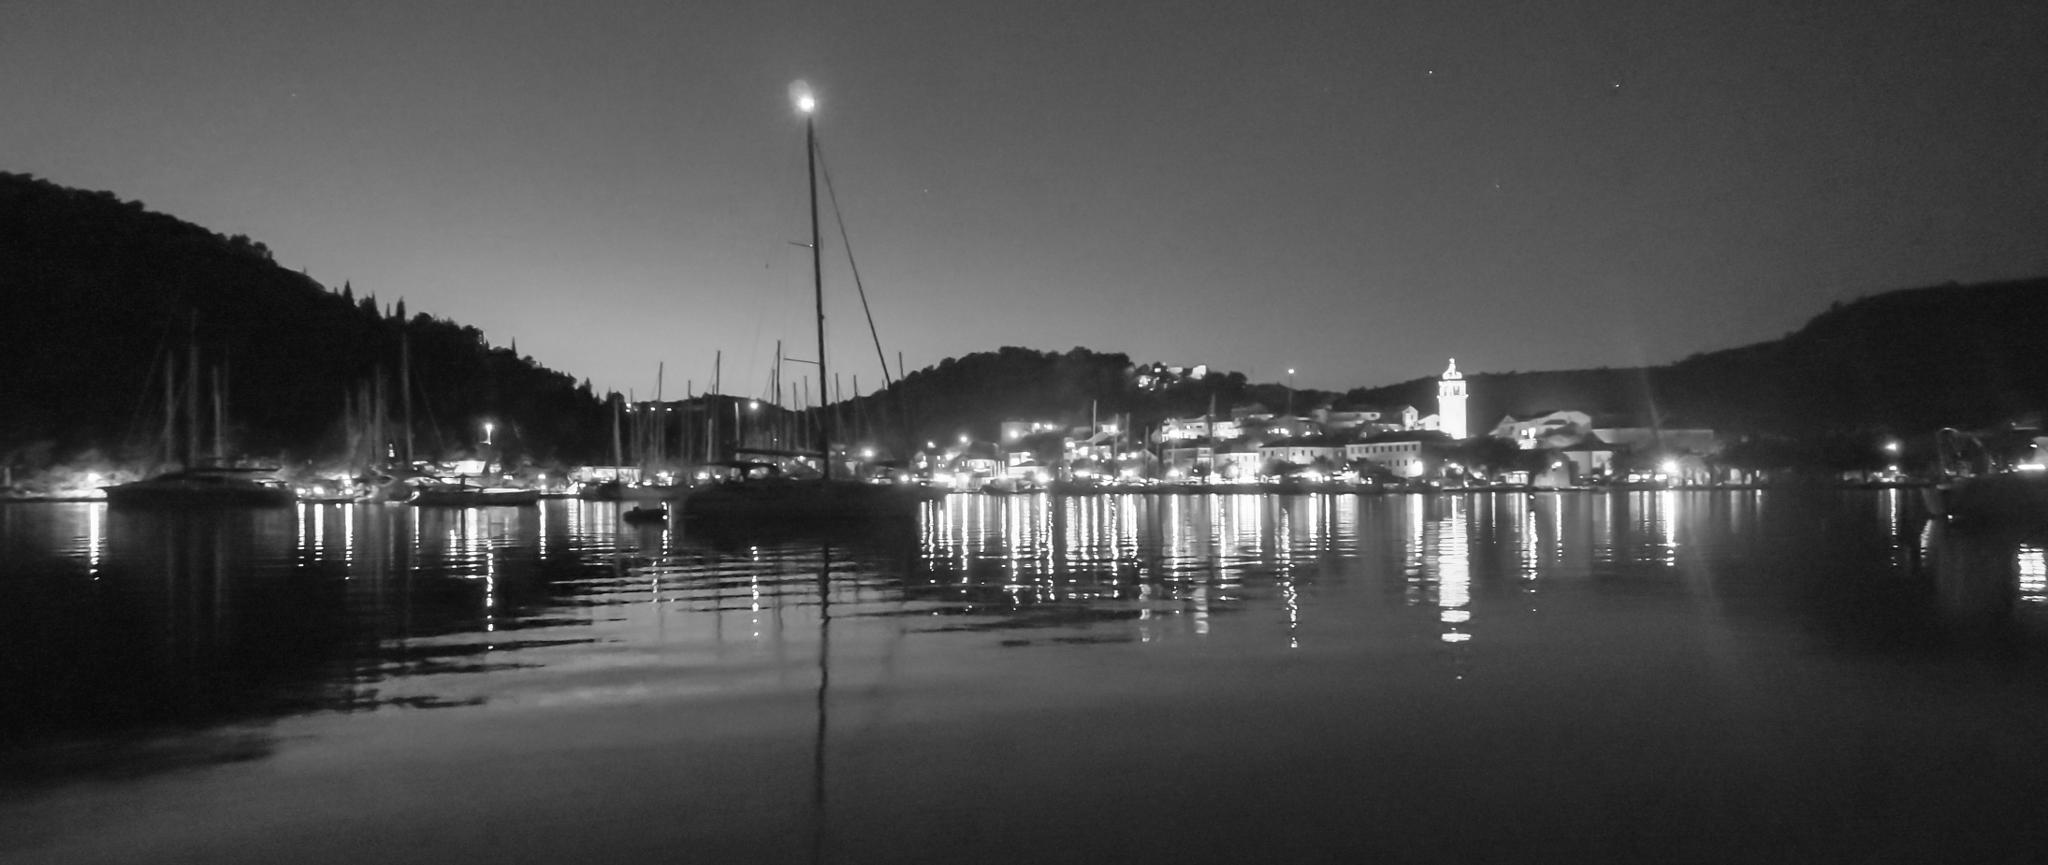 Moonlight bay by Steve Garratt